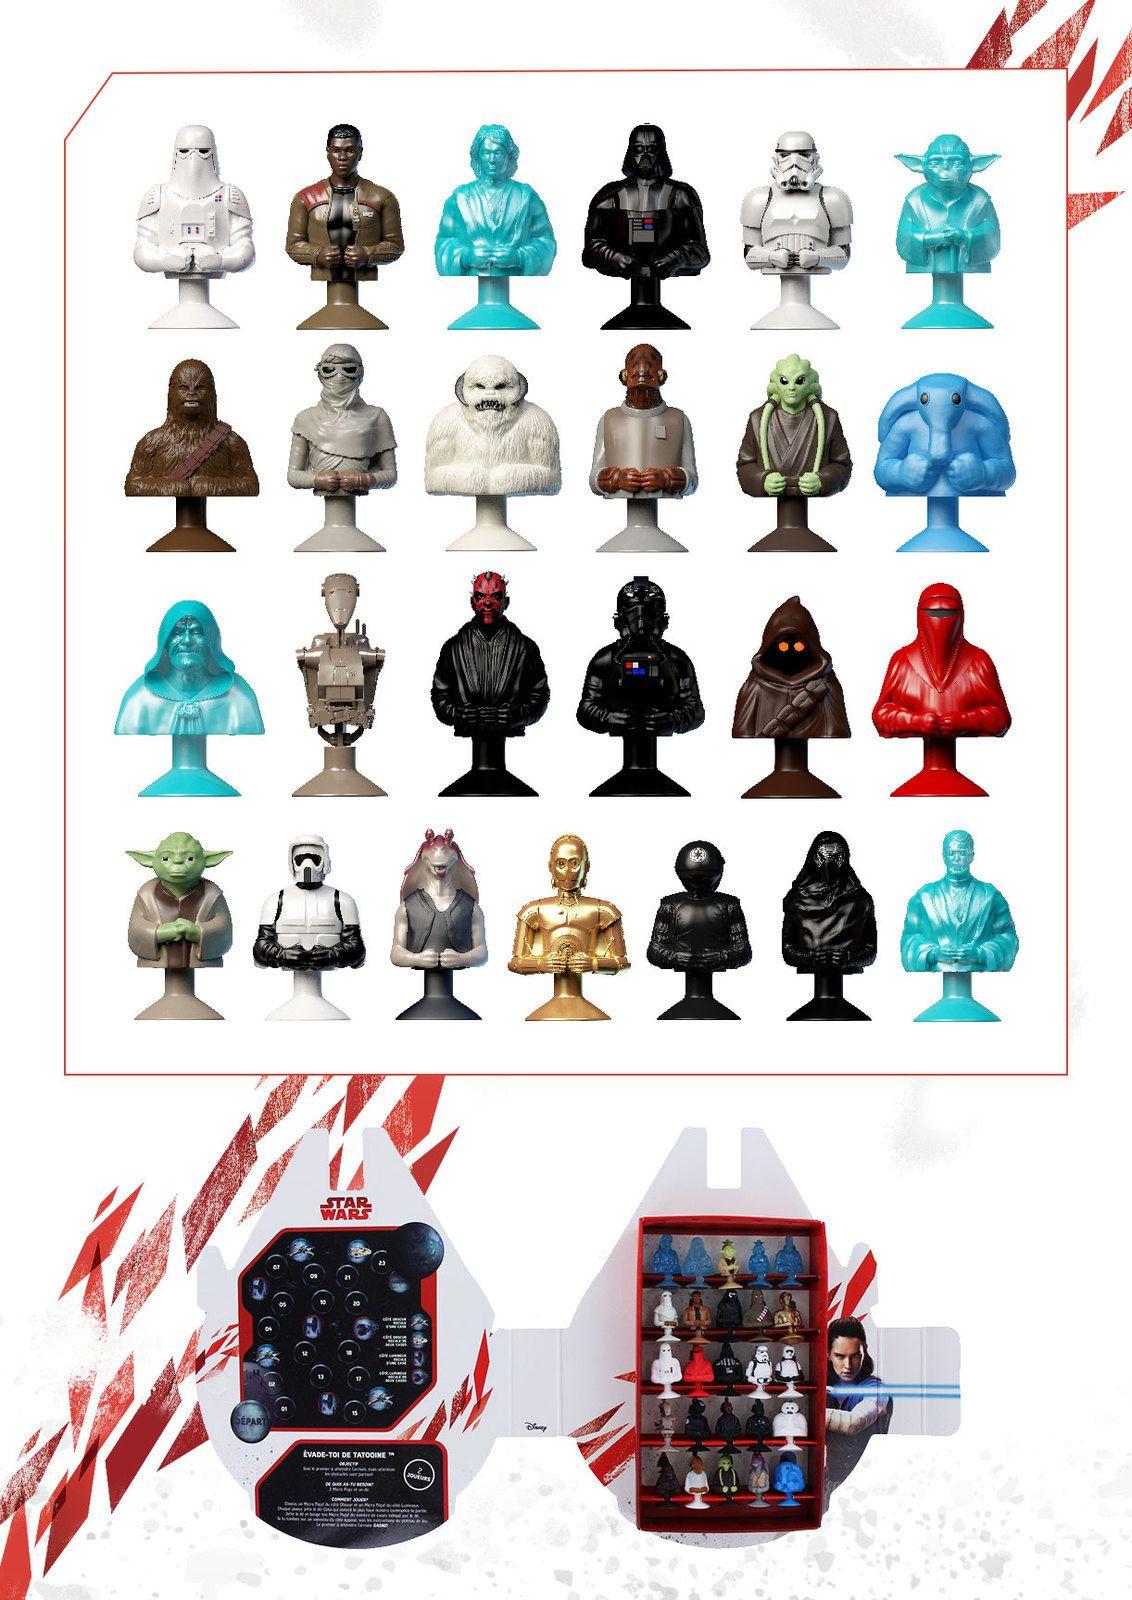 Des figurines Star Wars dans